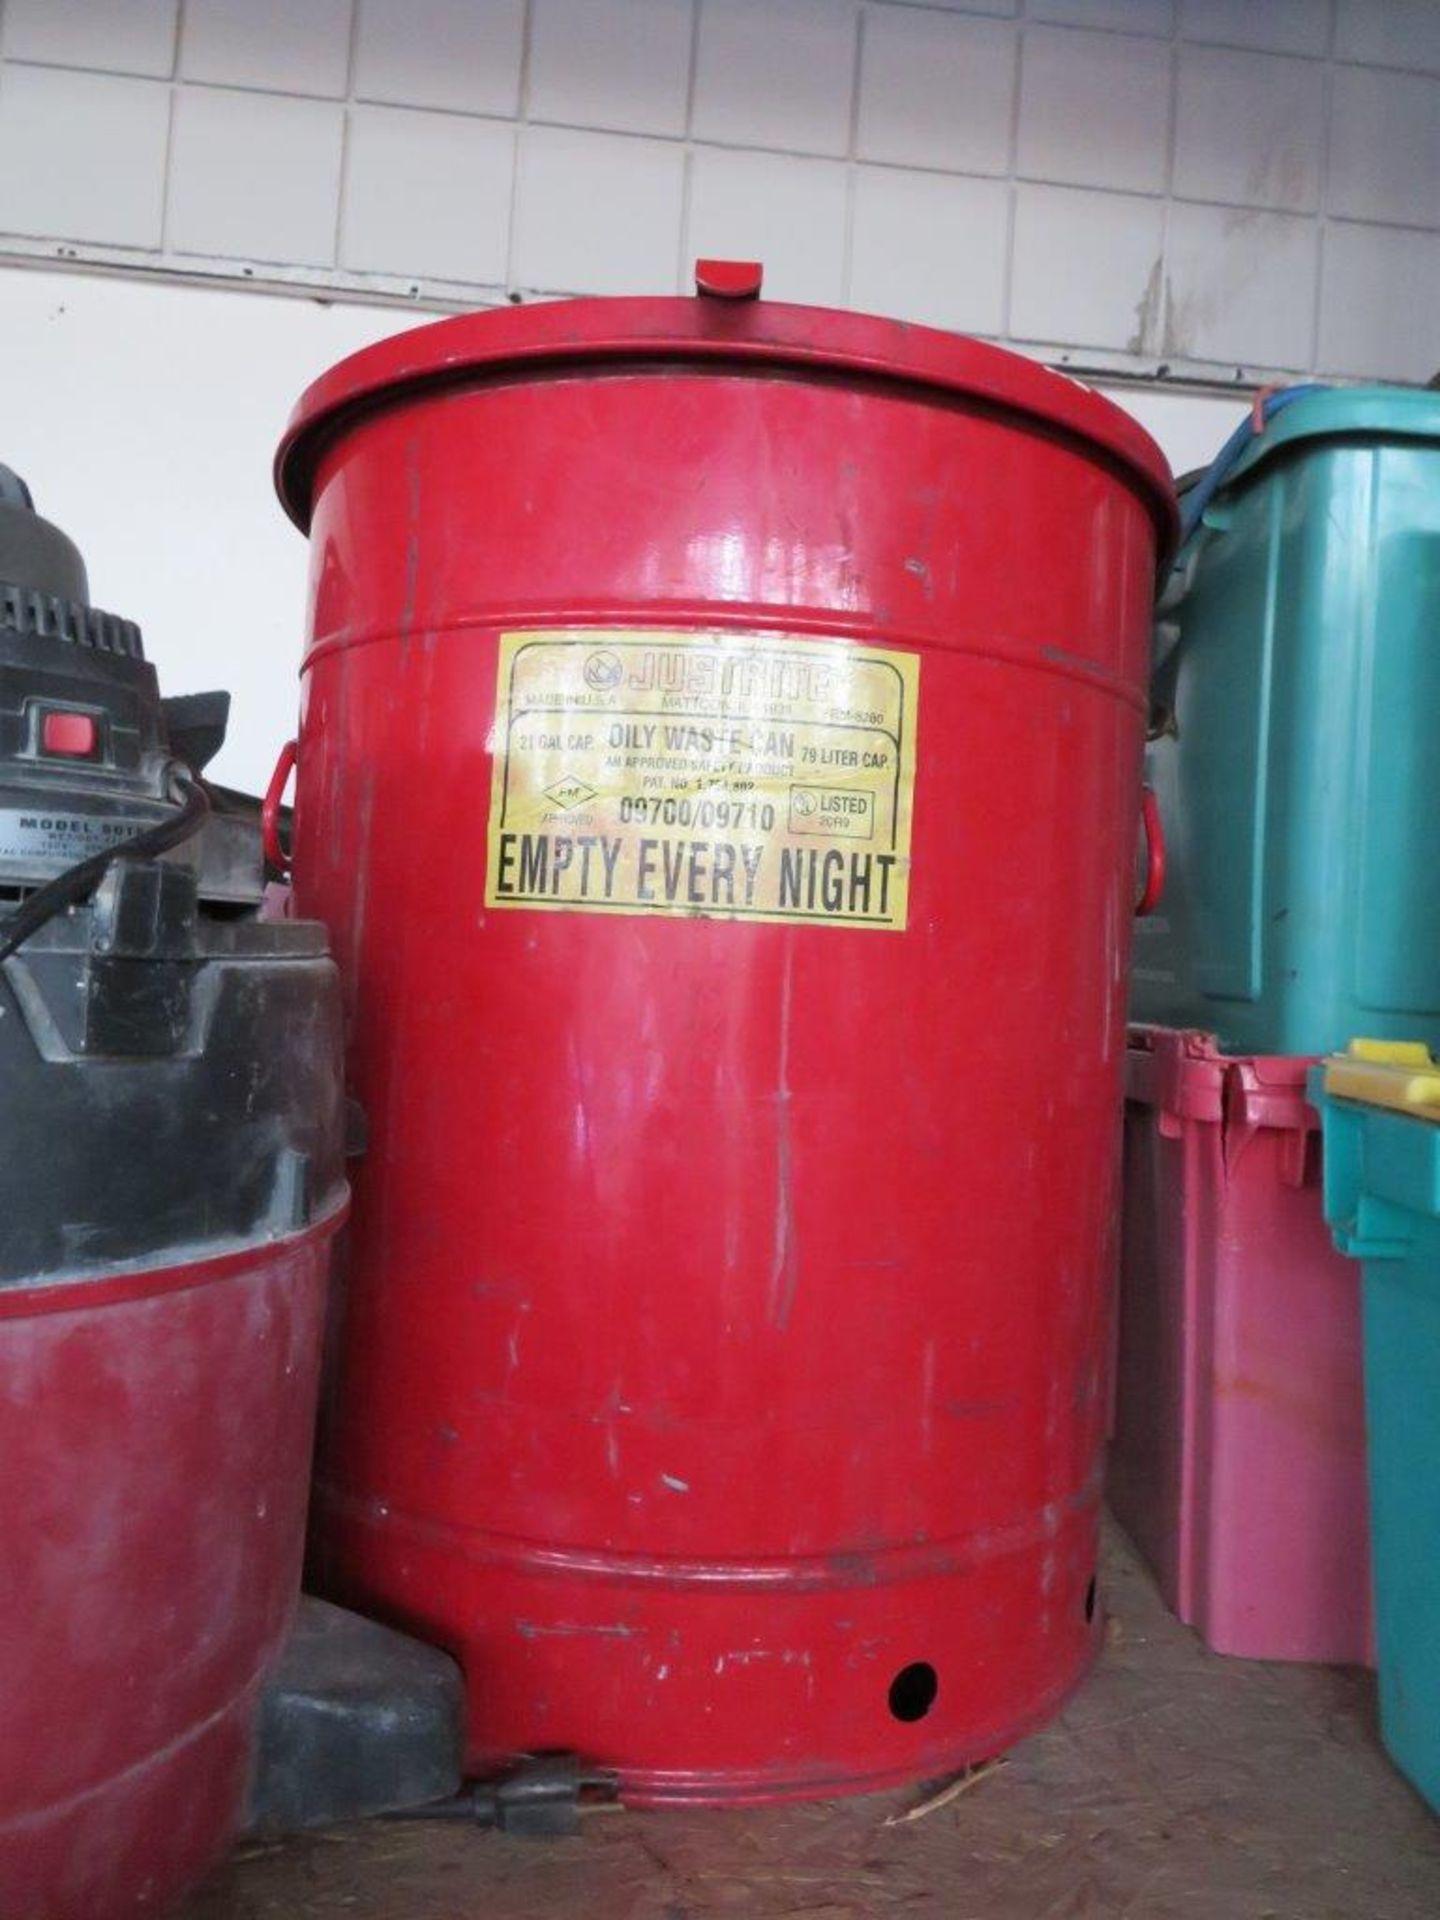 Lot 57 - JustRite 21 Gallon Oil Waste Can